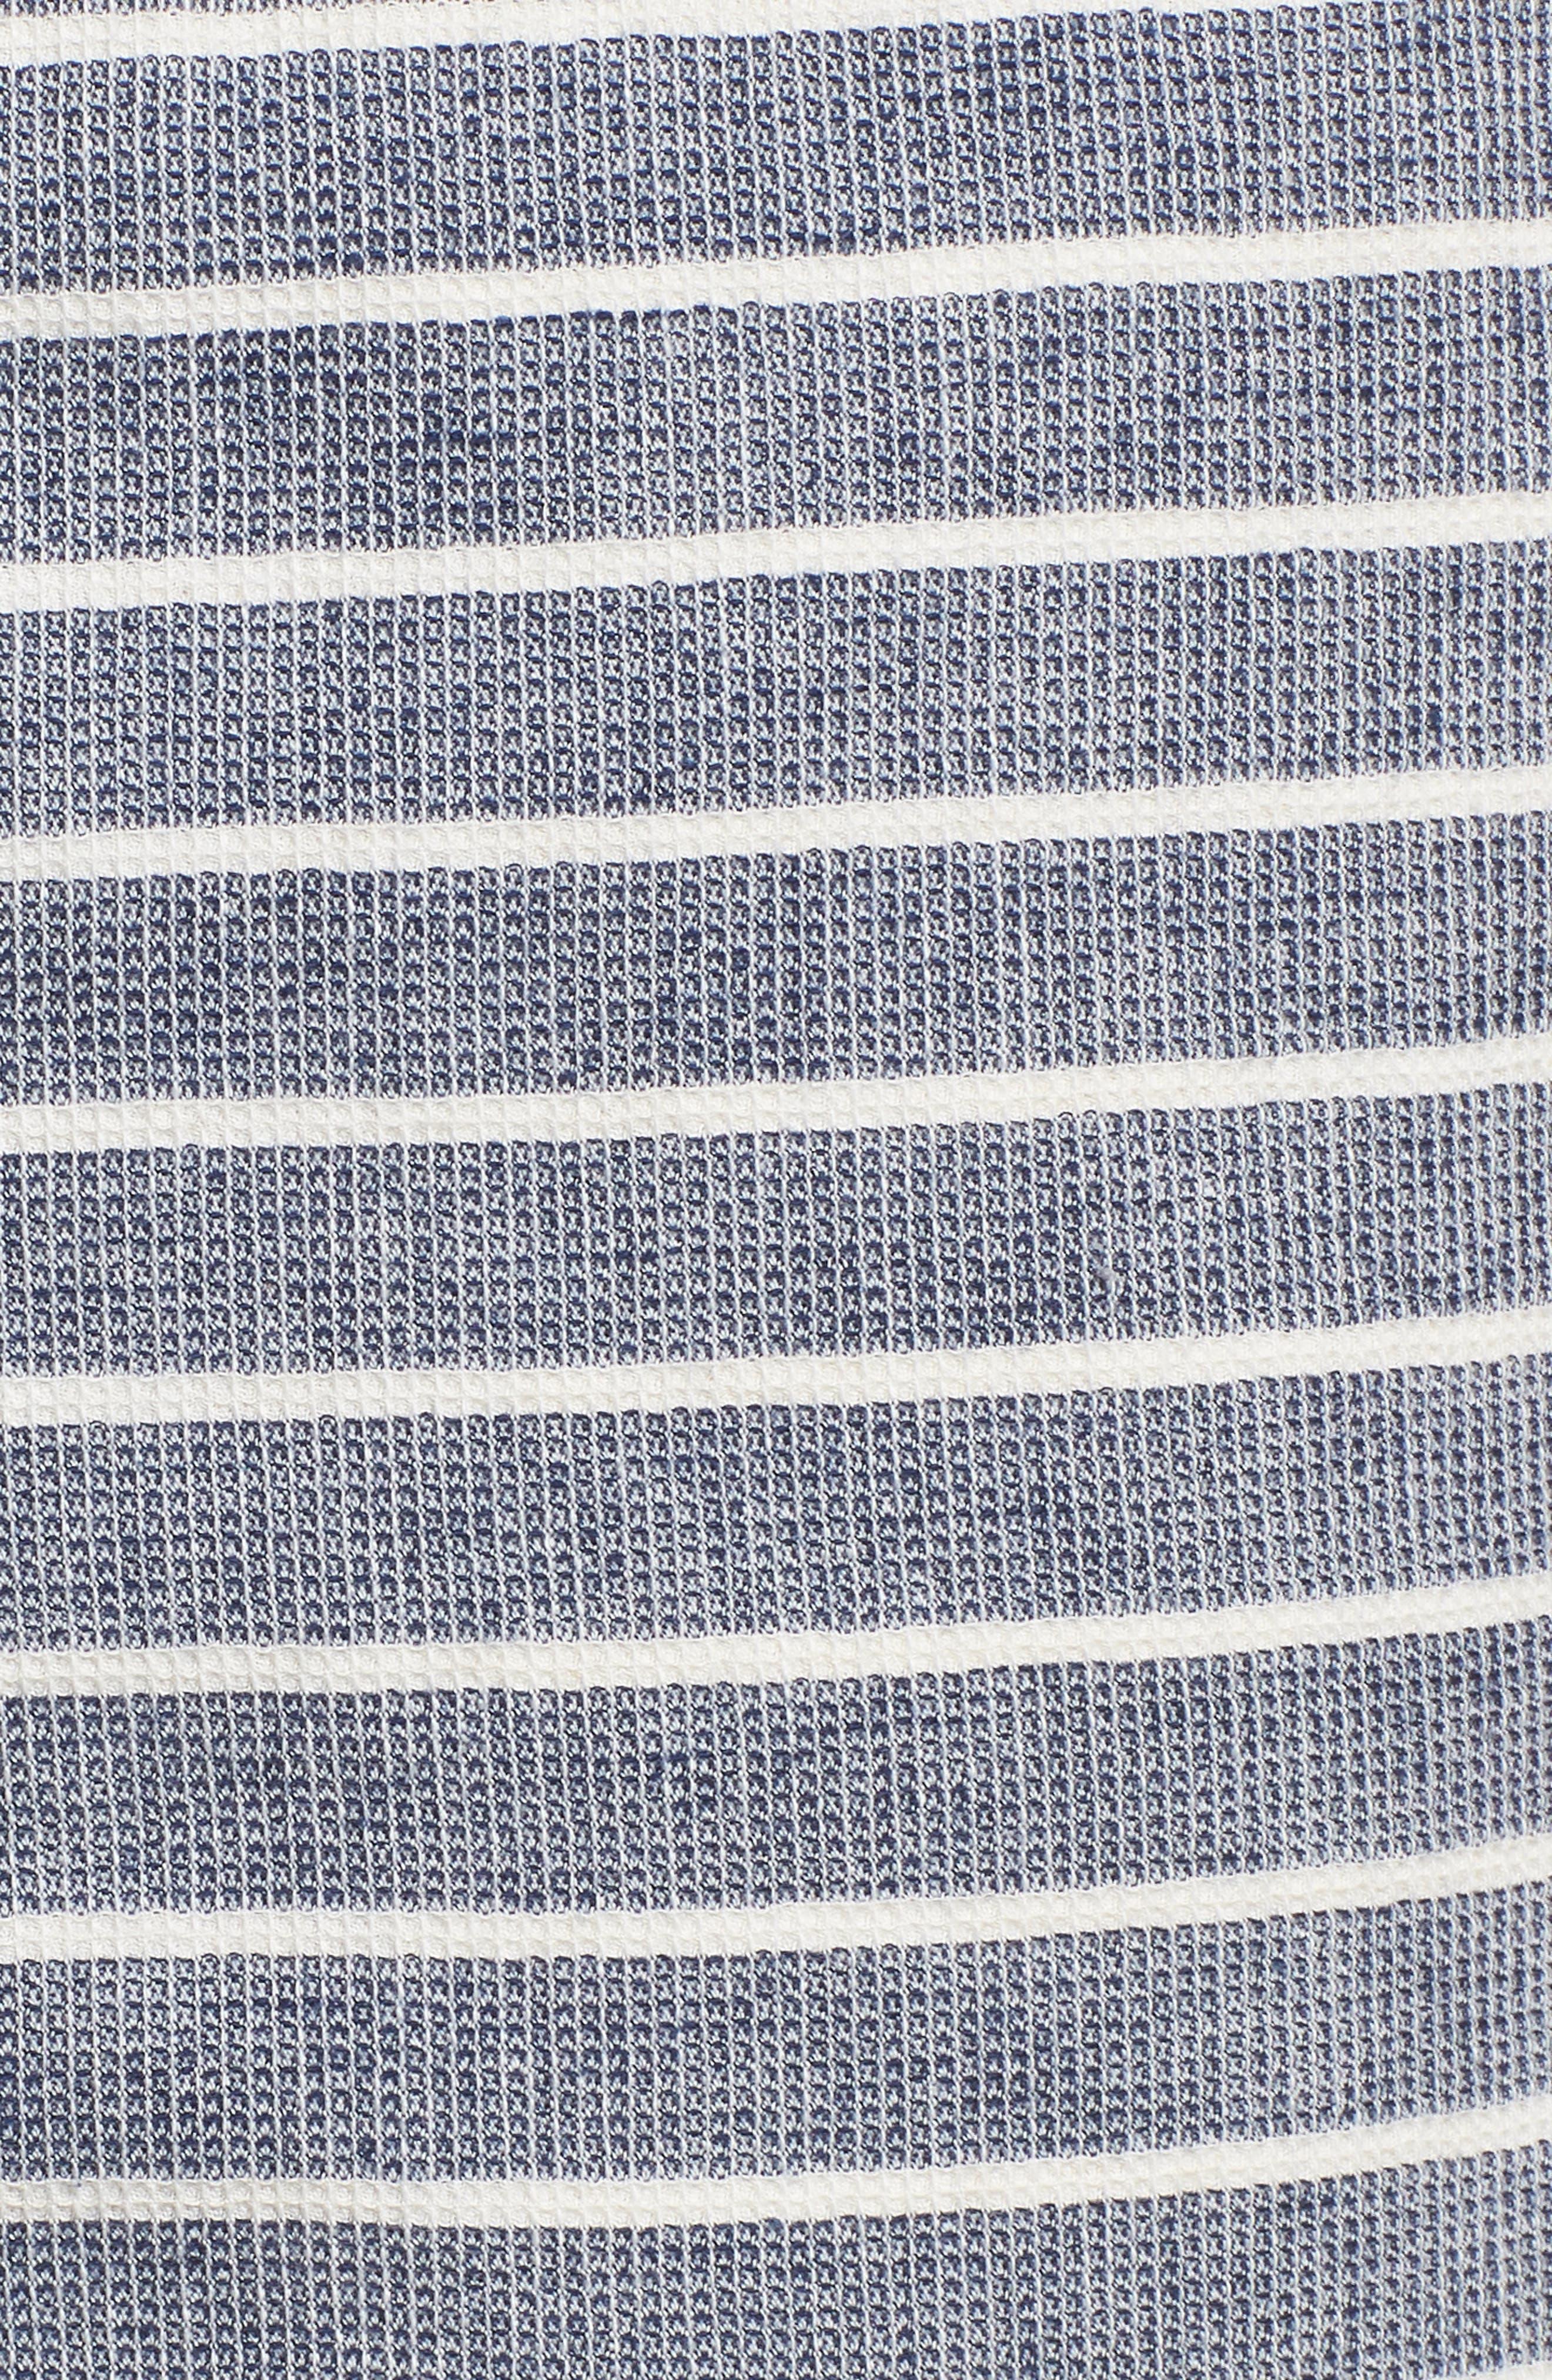 Steve Stripe Pull-On Shorts,                             Alternate thumbnail 5, color,                             BLUE / WHITE